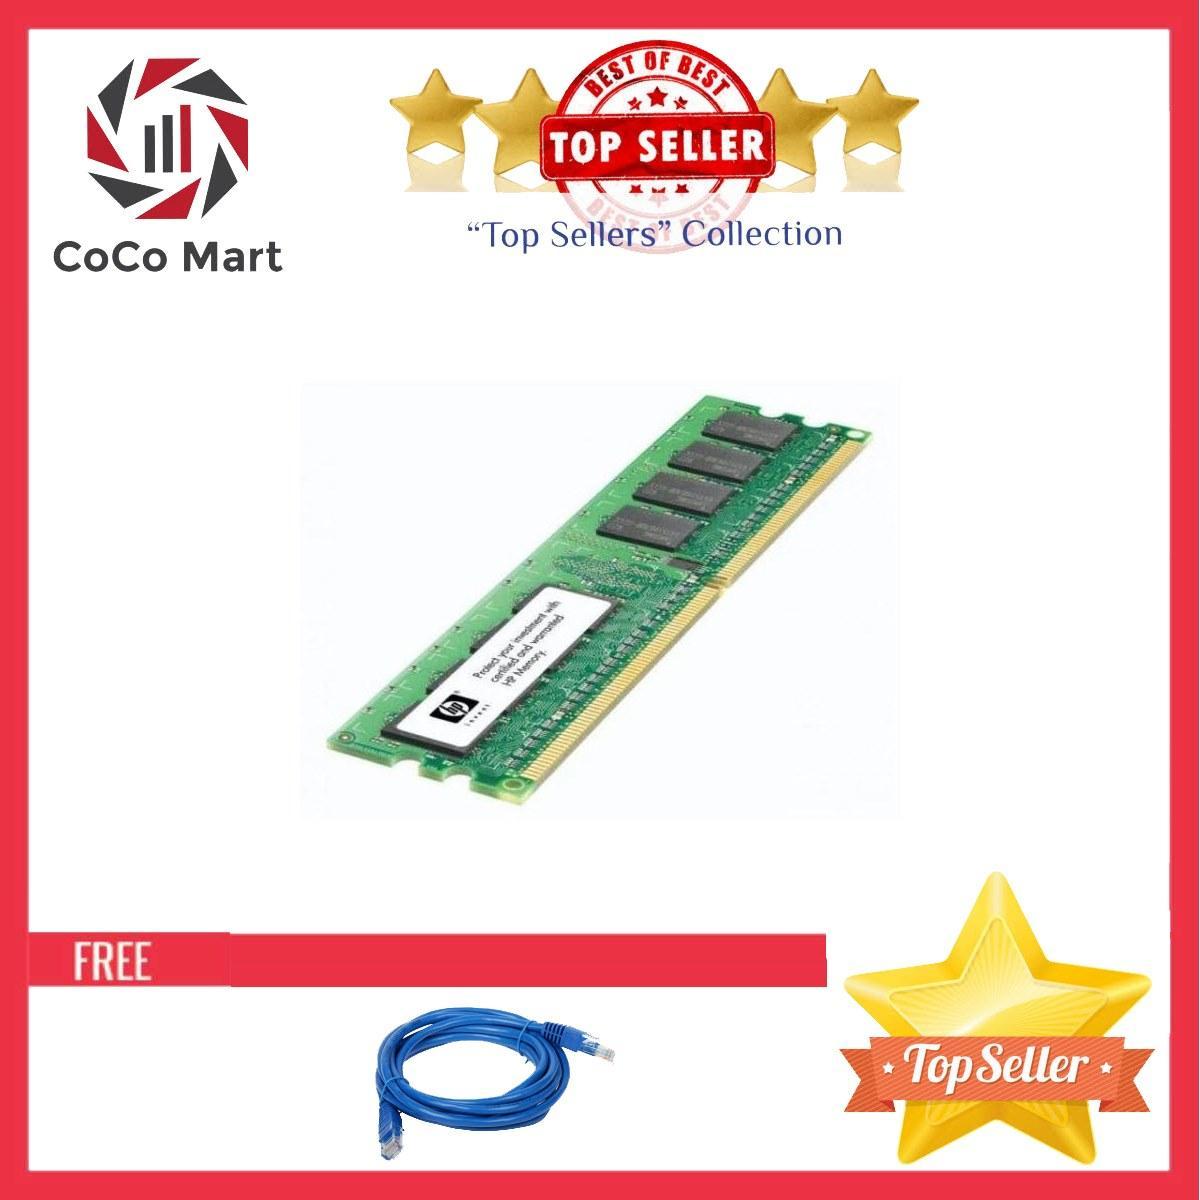 Ram Dành Cho PC HP 2GB, DDR 3, Bus 1333Mhz Tản Nhiệt Tốt